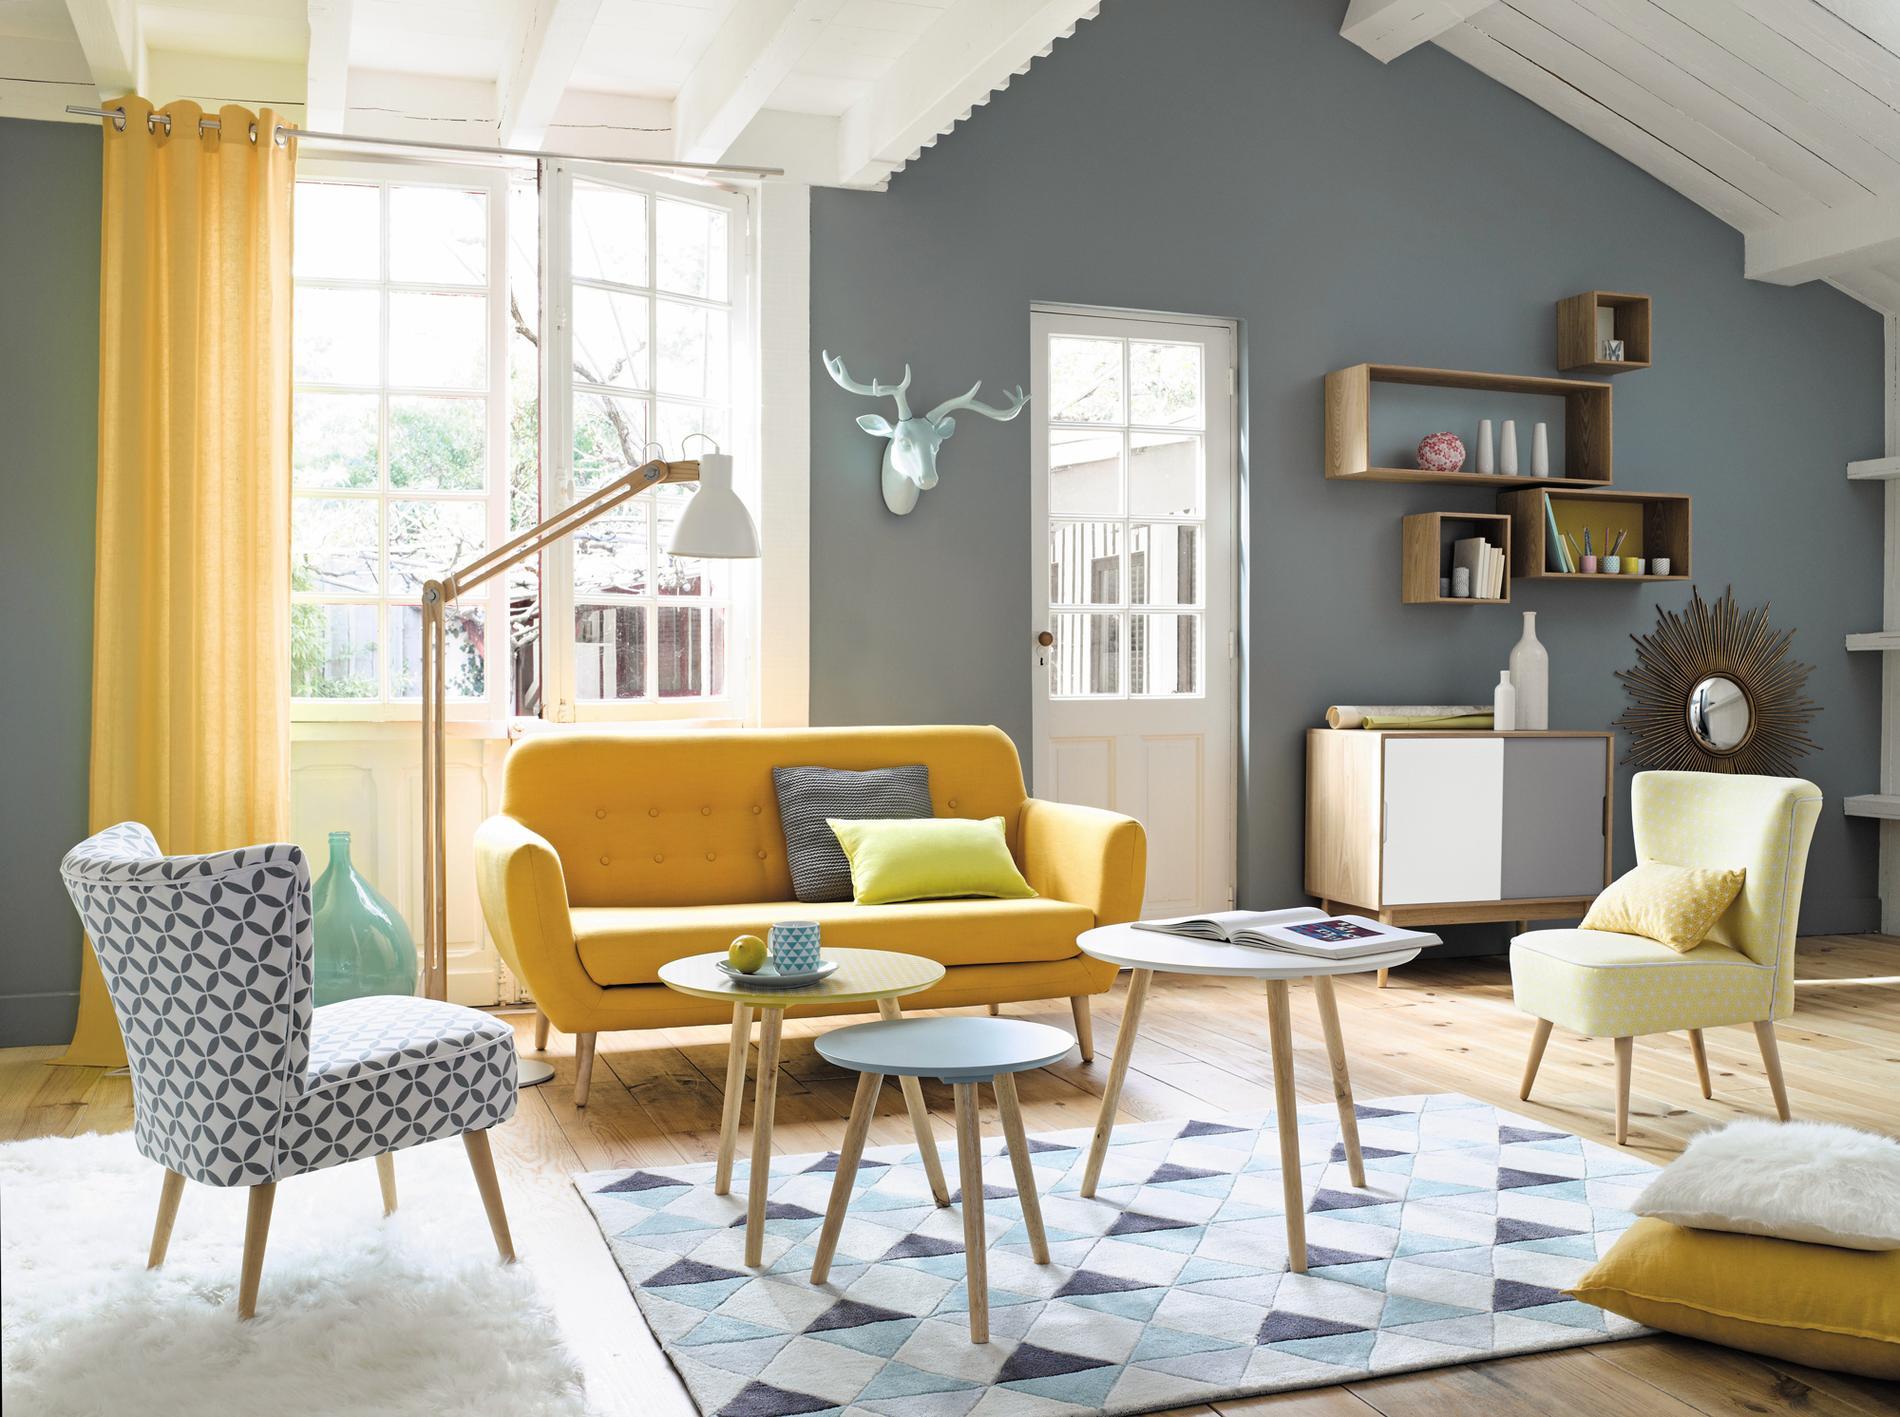 Decoration Interieur Appartement Vintage mieux que le vintage, le néo-vintage ! - madame figaro